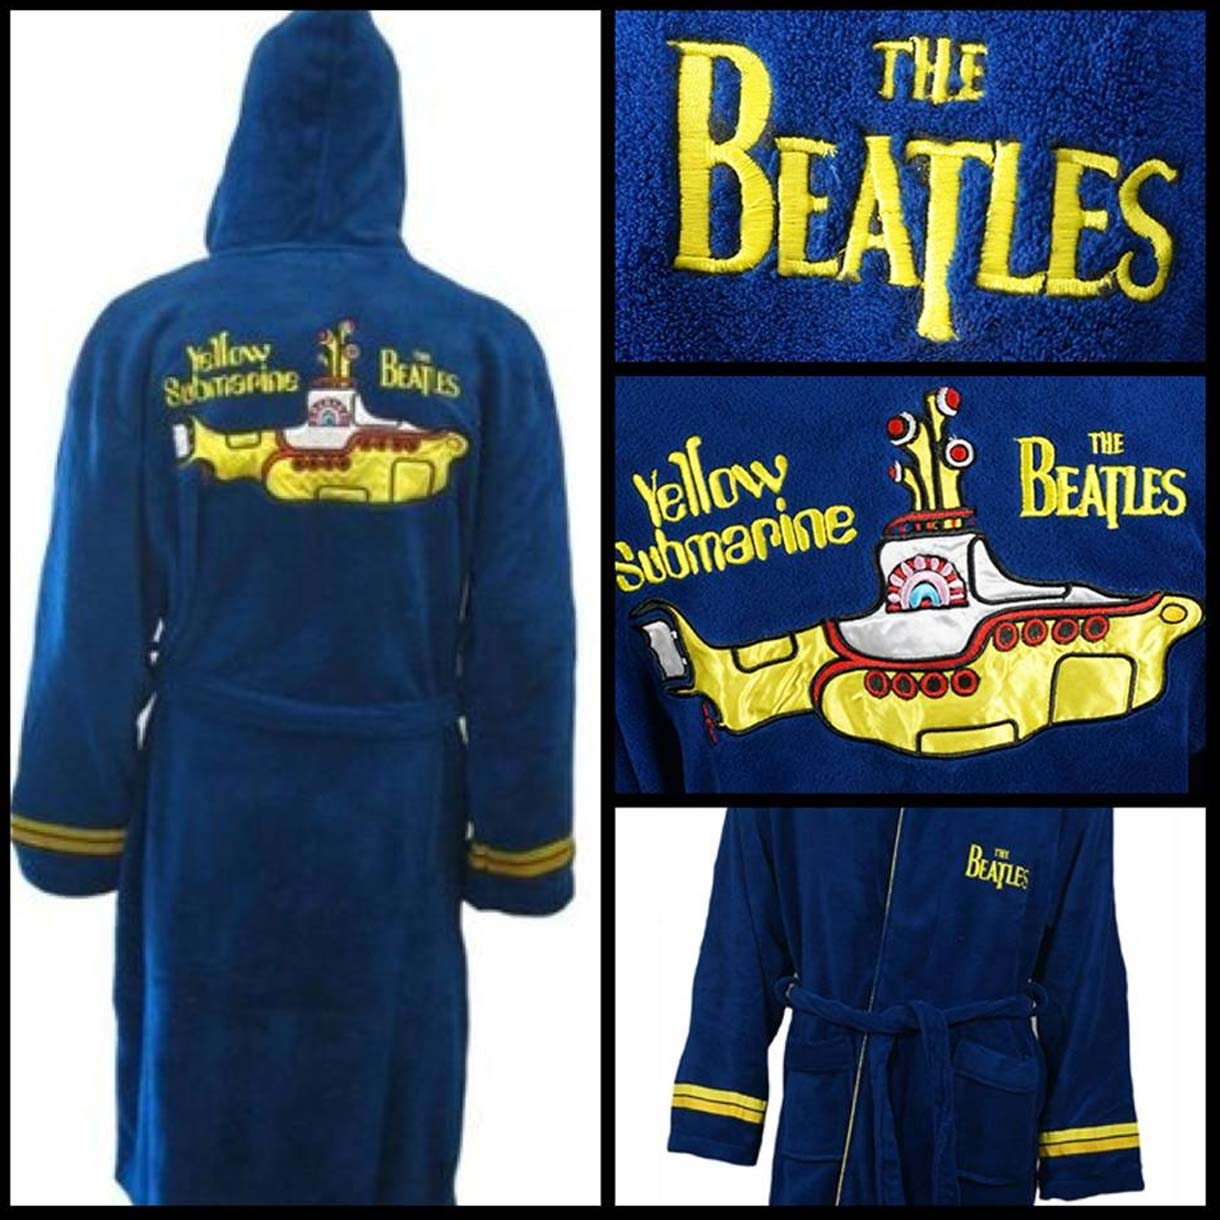 beatles-yellow-submarine-apparel--accappatoio-vestaglia---semmstore.com-semm-semmmusic-record-store-music-store-semmstore